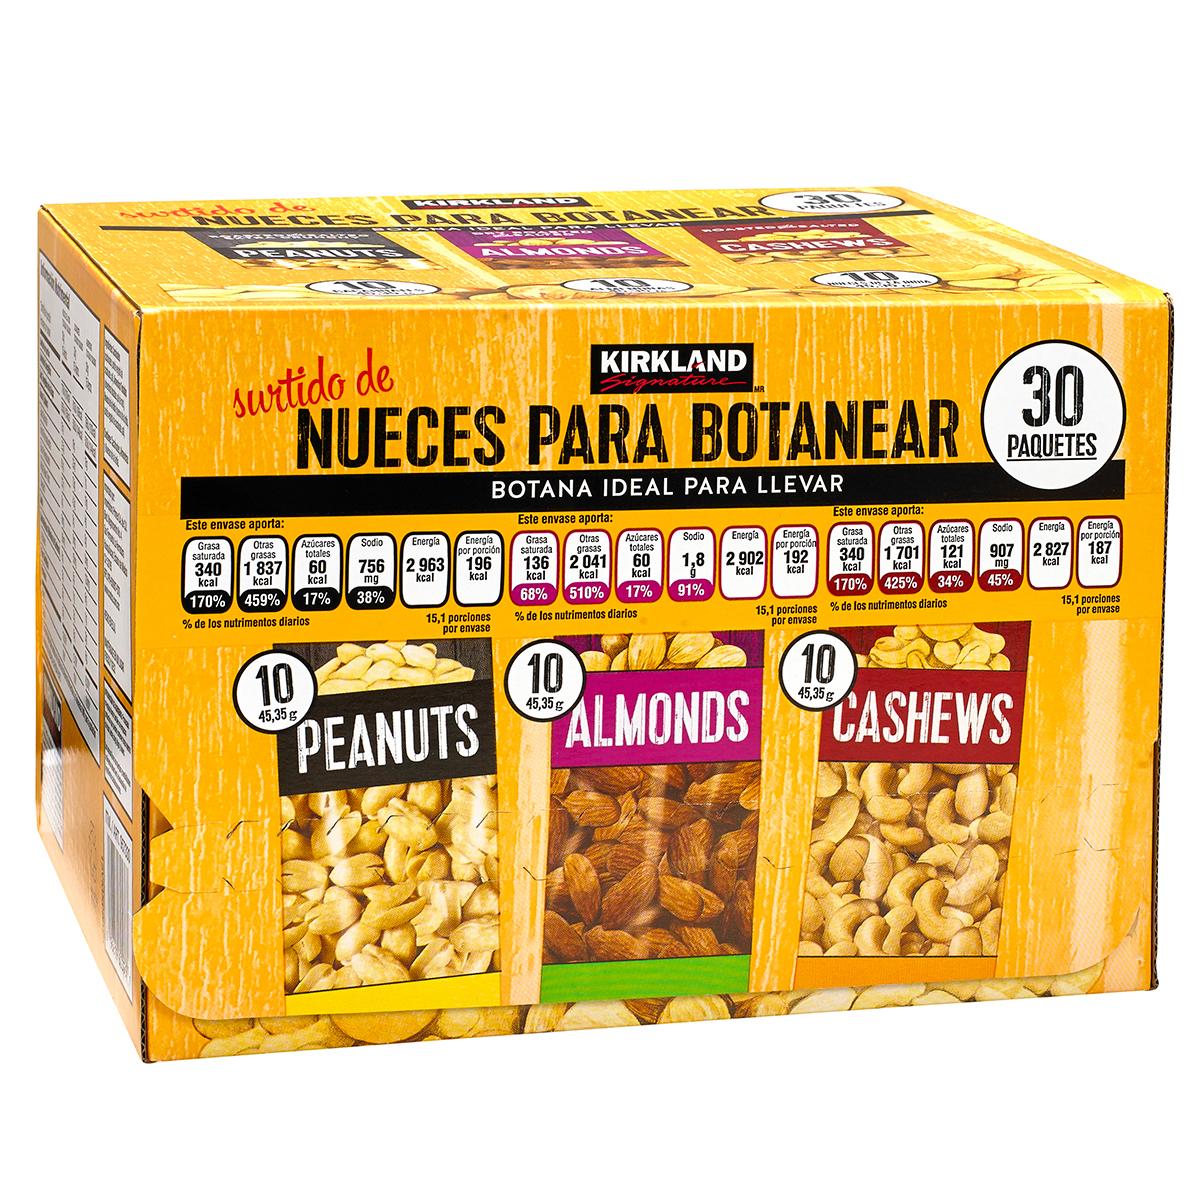 Rappi y Costco: Caja de nueces 30 paquetes de 45gr